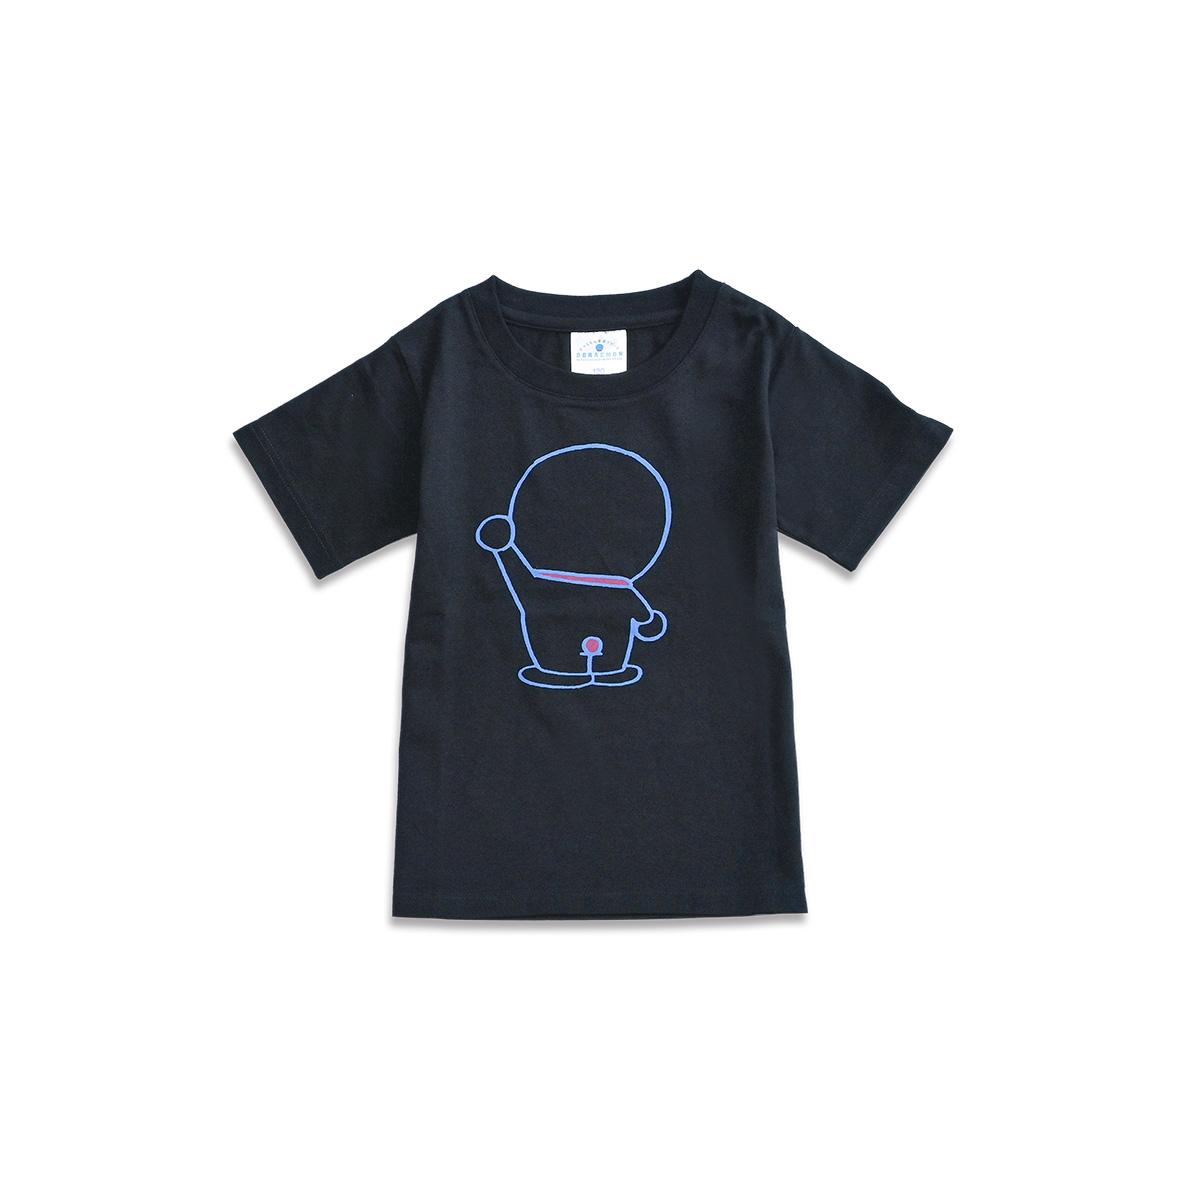 【オンライン限定】Tシャツ ドラえもん後ろすがた ブラック130